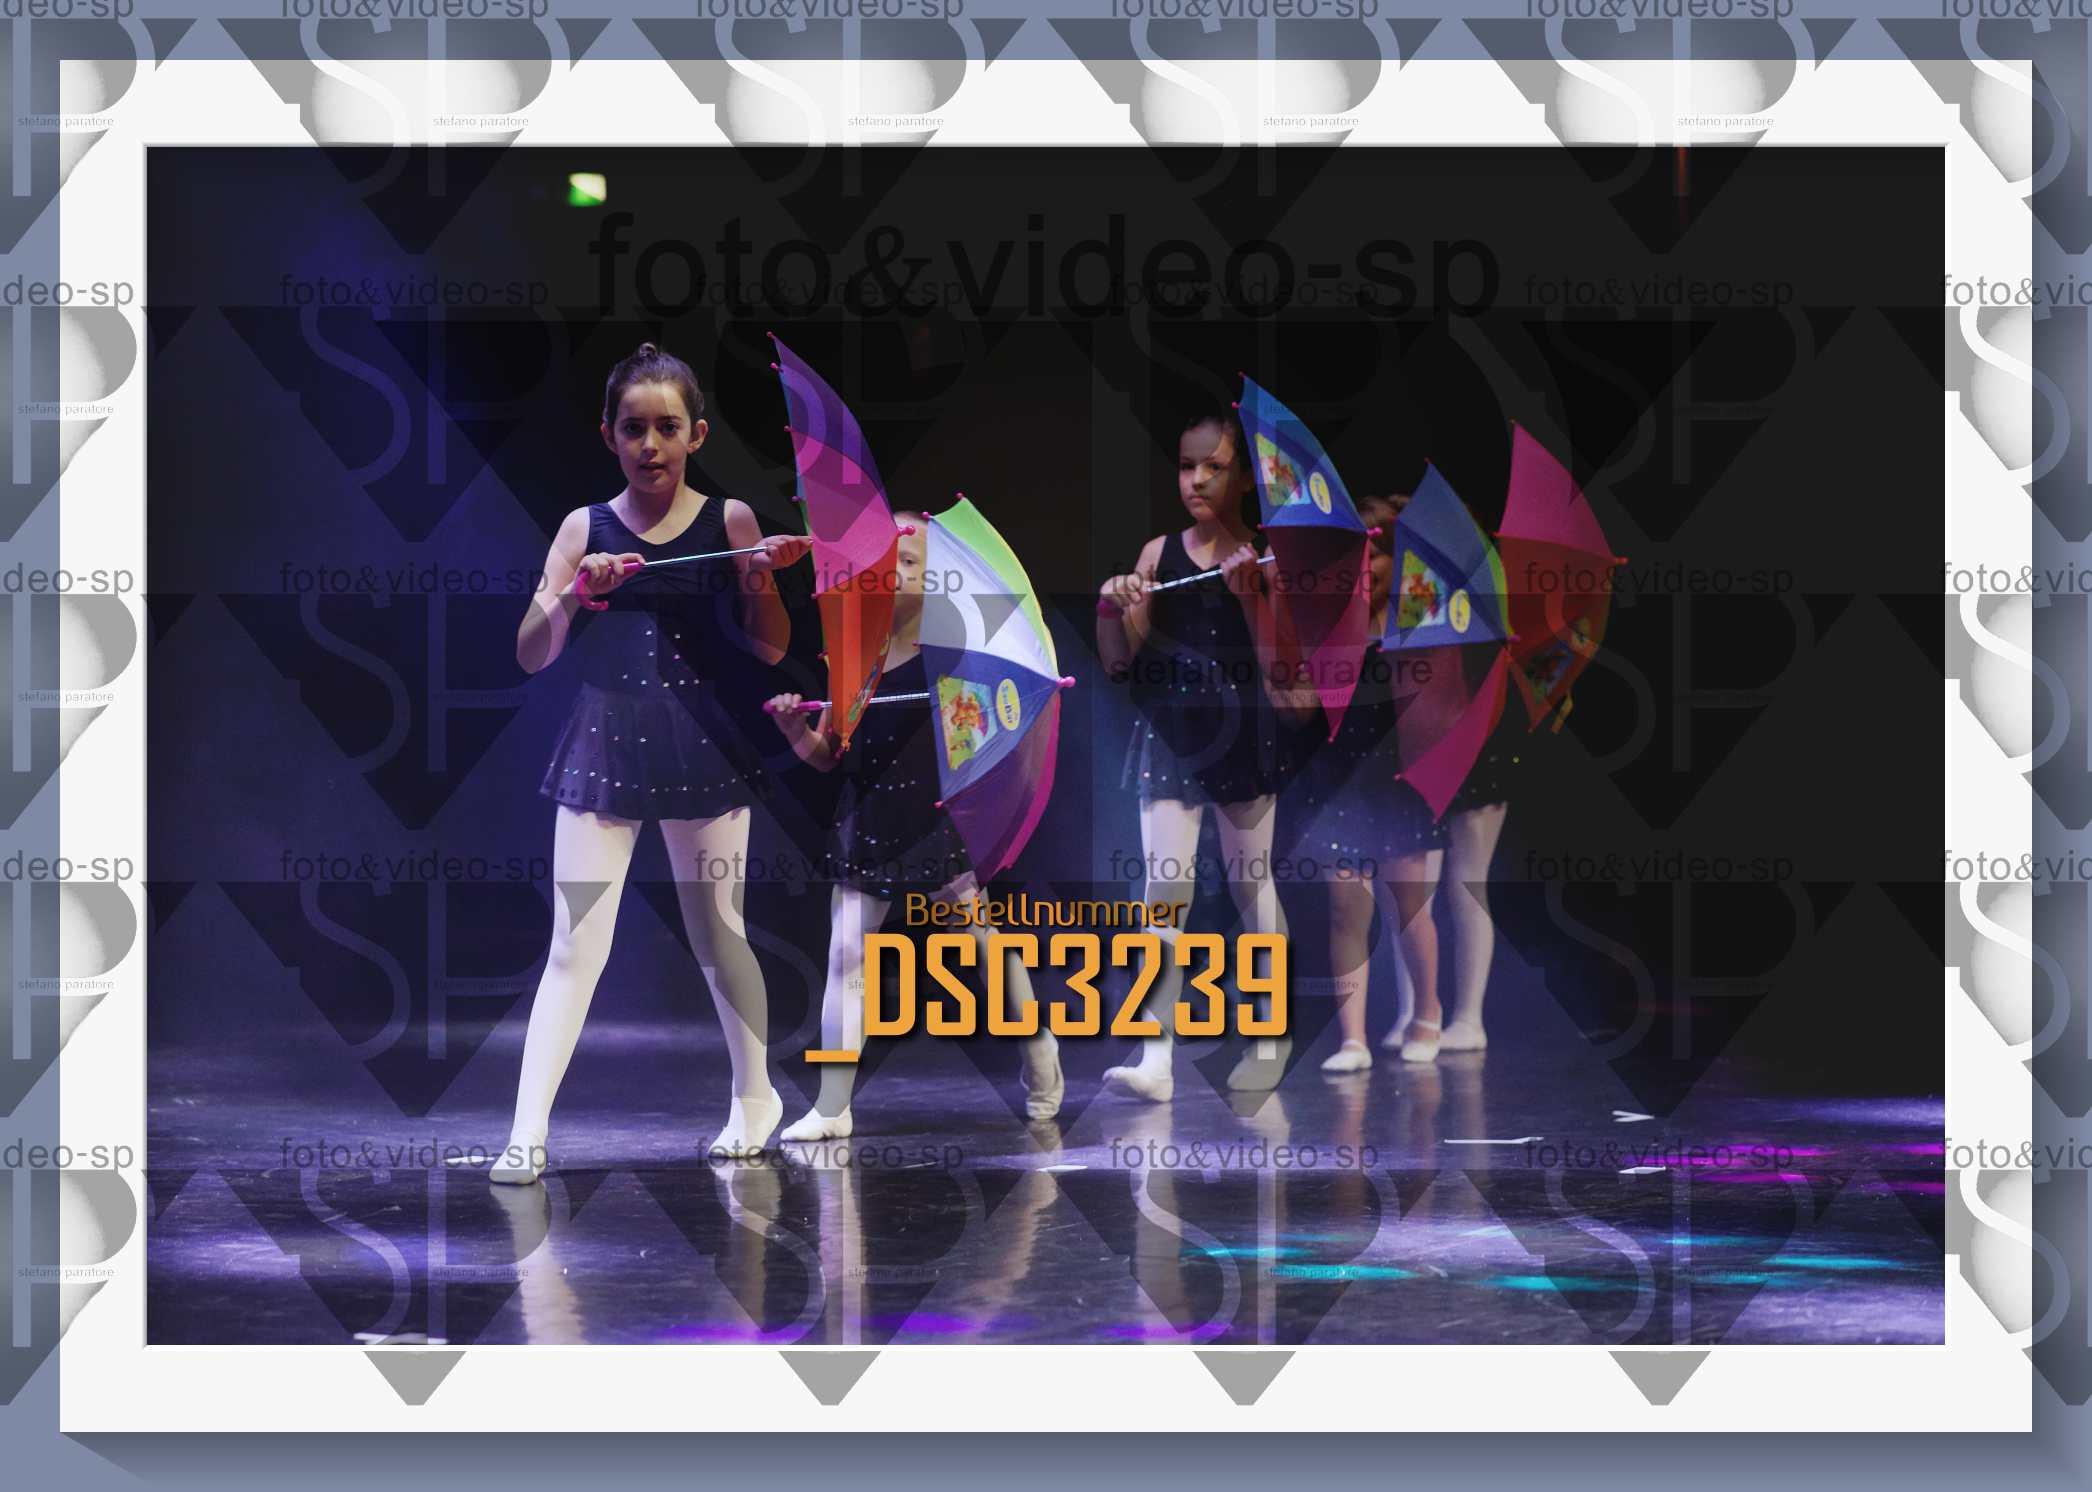 DSC3239